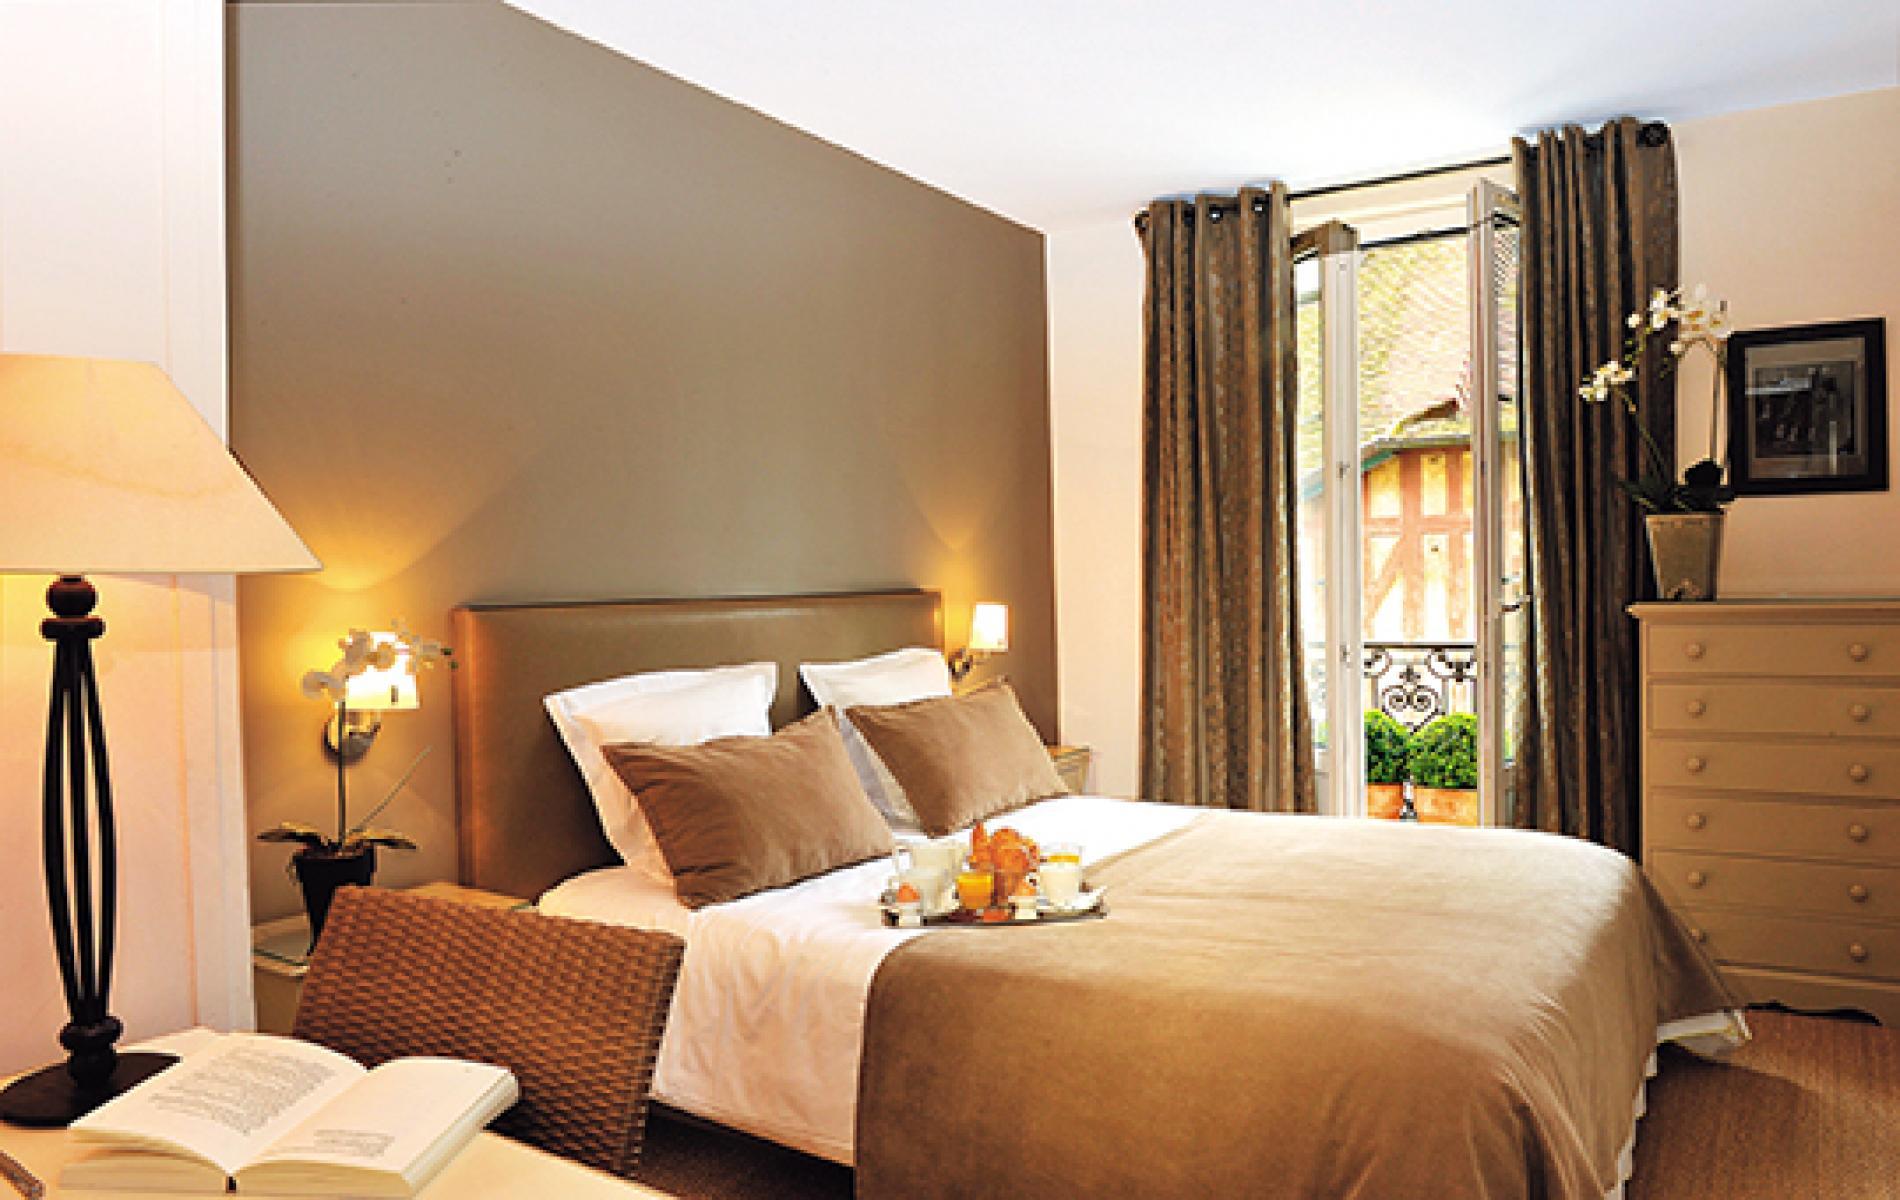 Hotel de charme Trouville